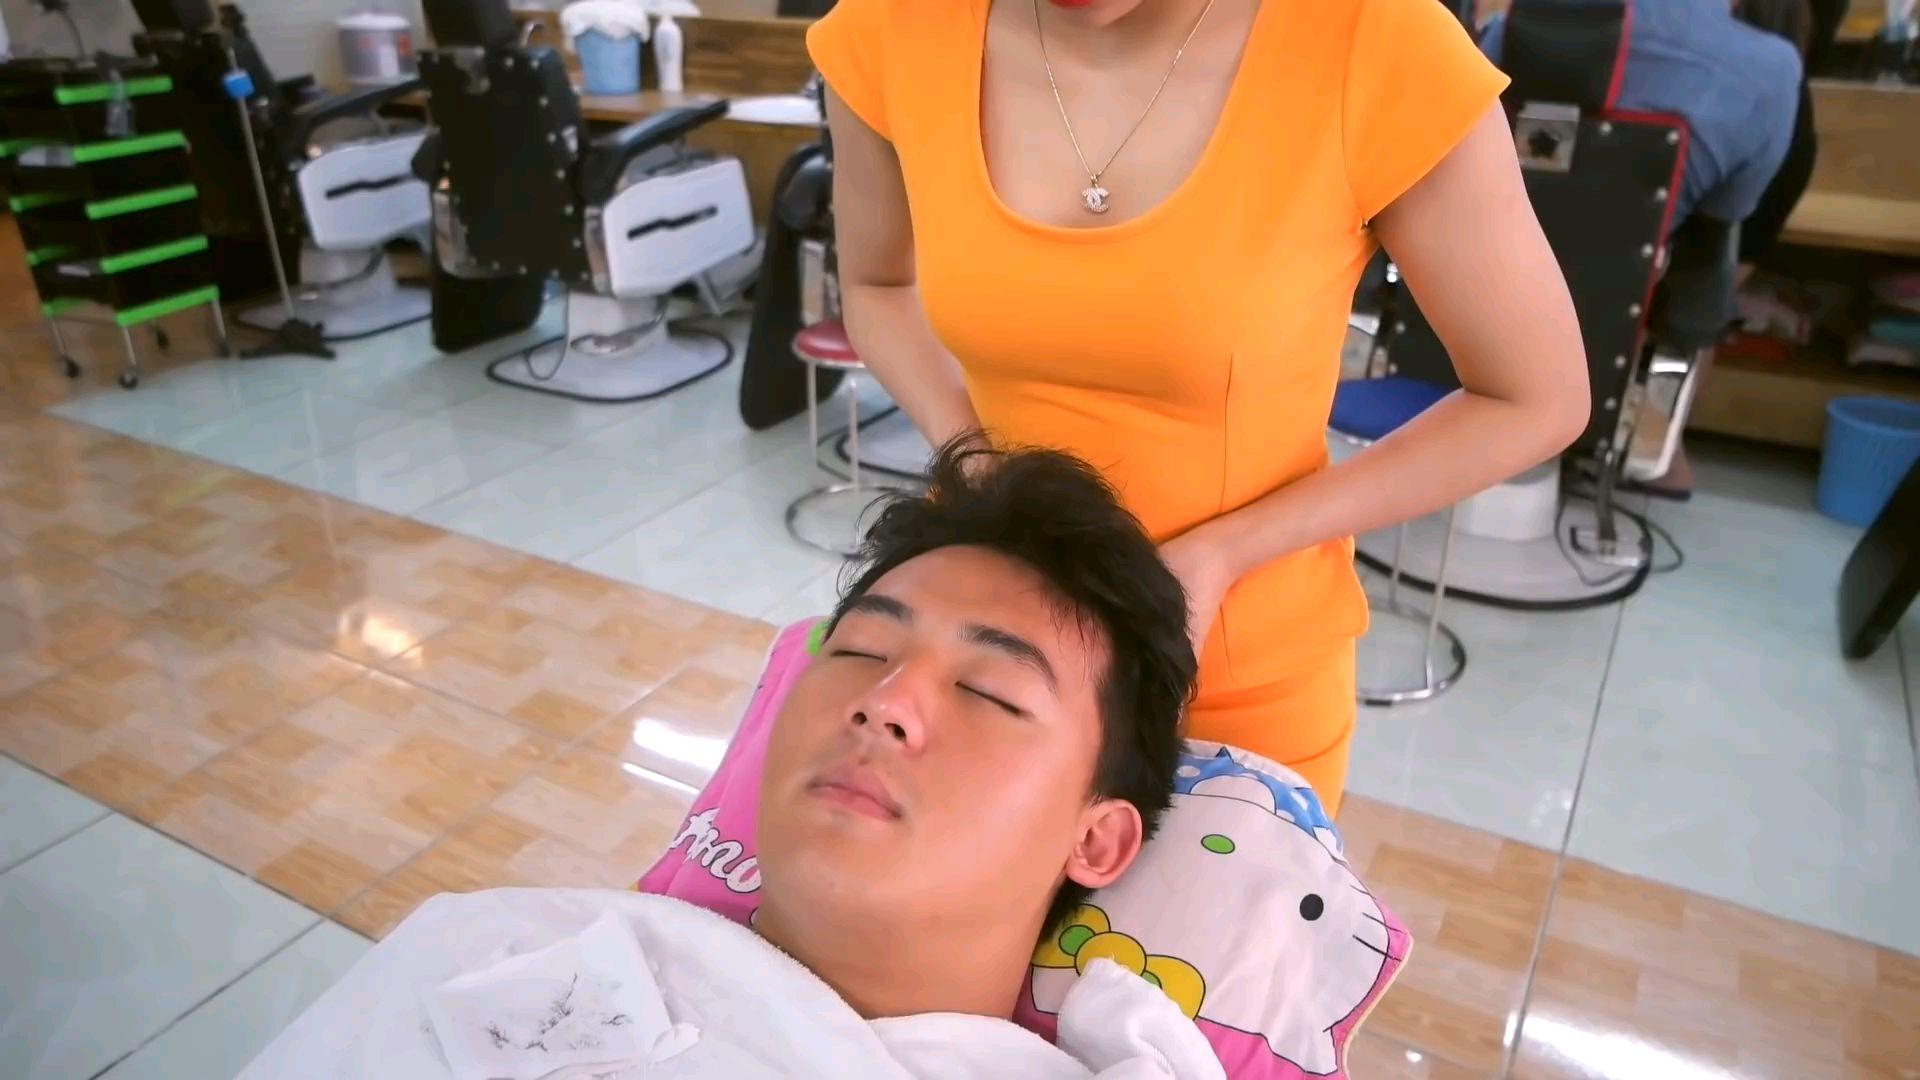 小哥在理发店里享受按摩,话说这个项链挺漂亮的